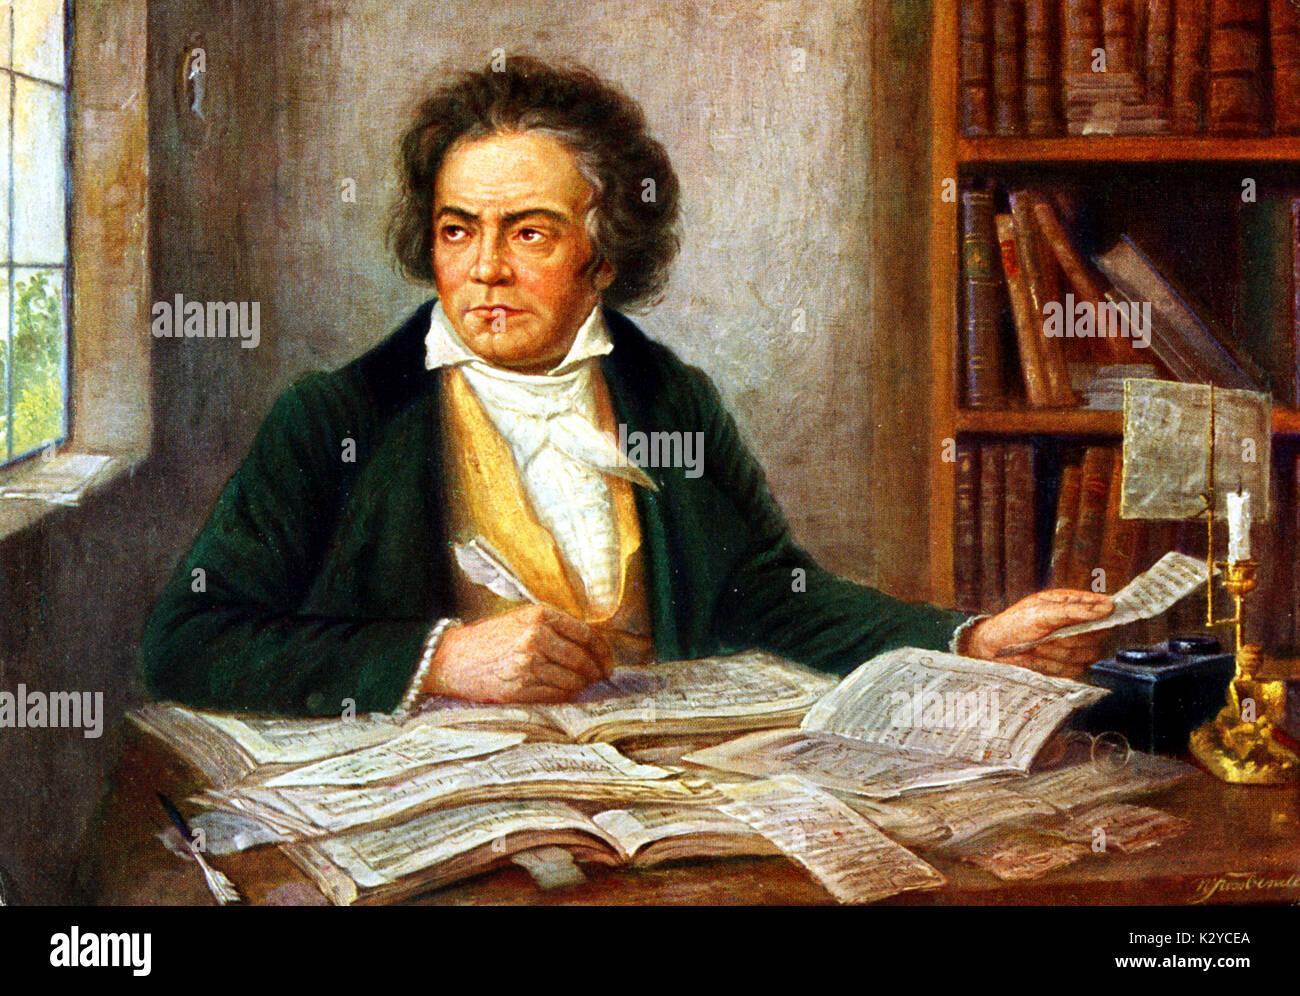 Ludwig van beethoven symphonie 9 ode an die freude 4